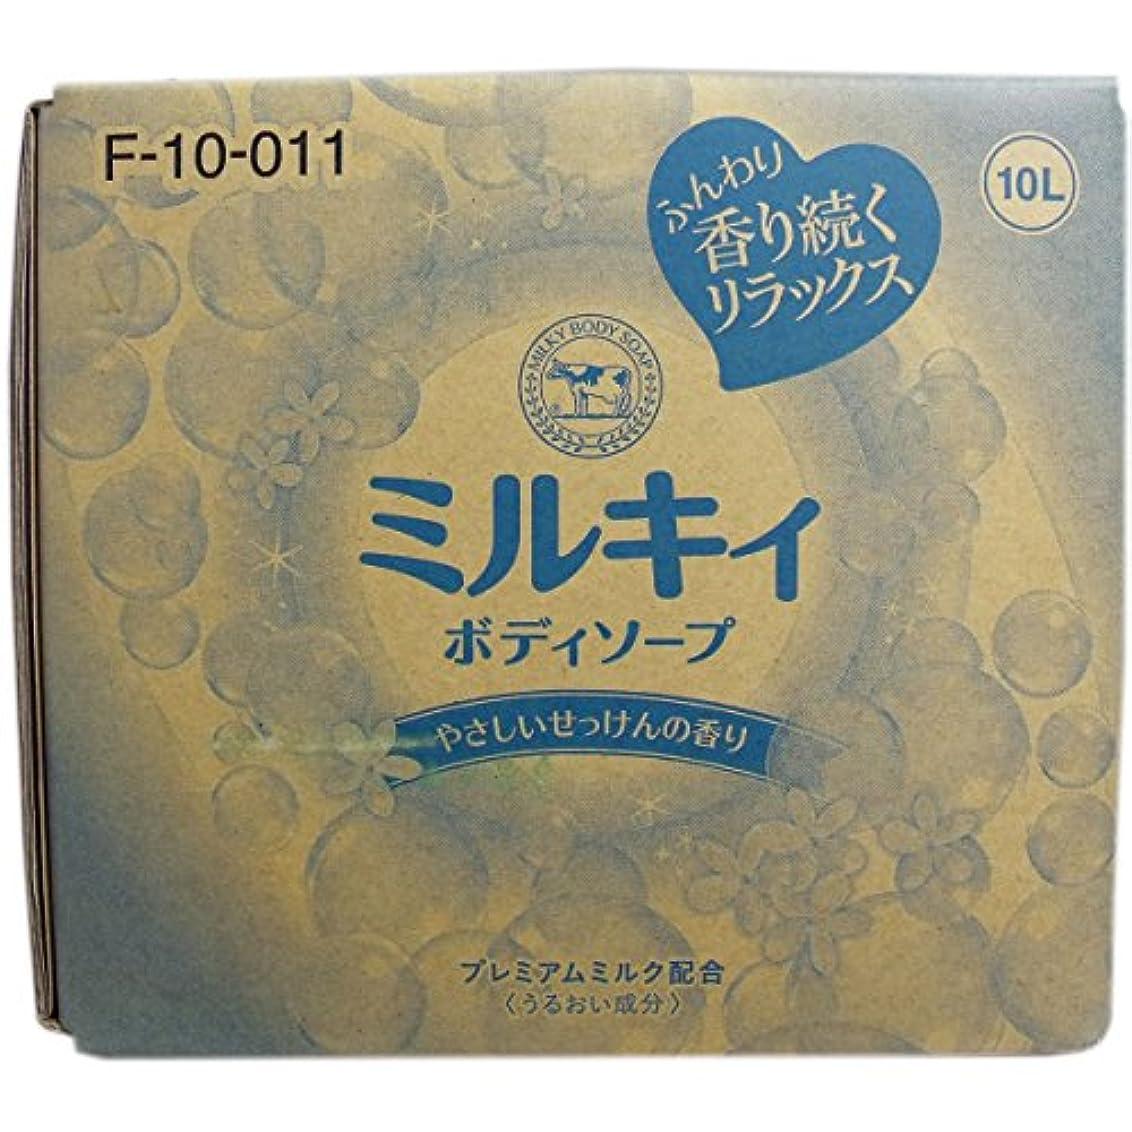 ウナギエゴマニアかなりの牛乳石鹸 ミルキィボディソープ ミルキィボディソープ 業務用 1個